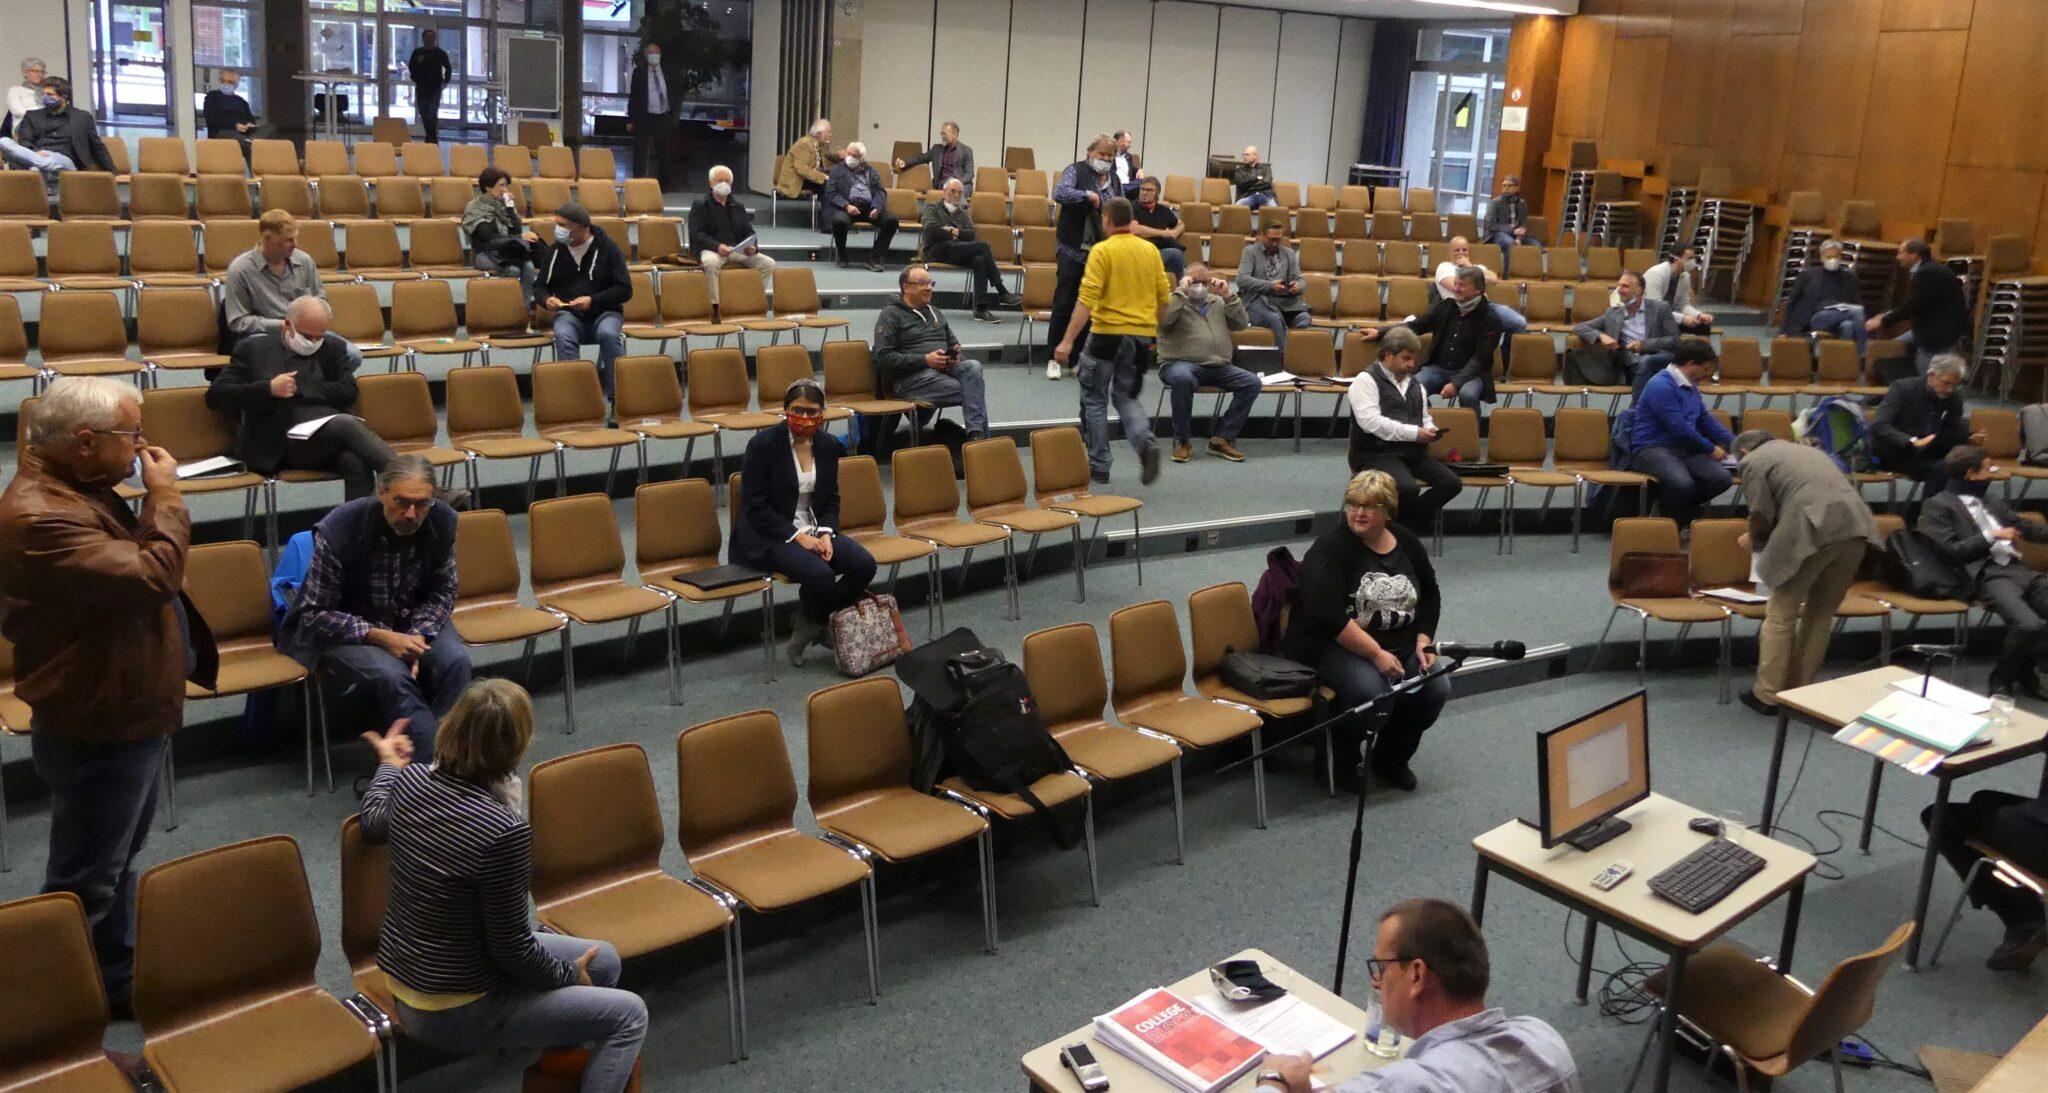 Ungewöhnliche Zeiten bedingen ungewöhnliche Sitzordnungen. Gemeinderat tagt in der Aula. Kurz vor Beginn der Sitzung suchen manche Räte noch nach ihrem Platz. Fotos: him